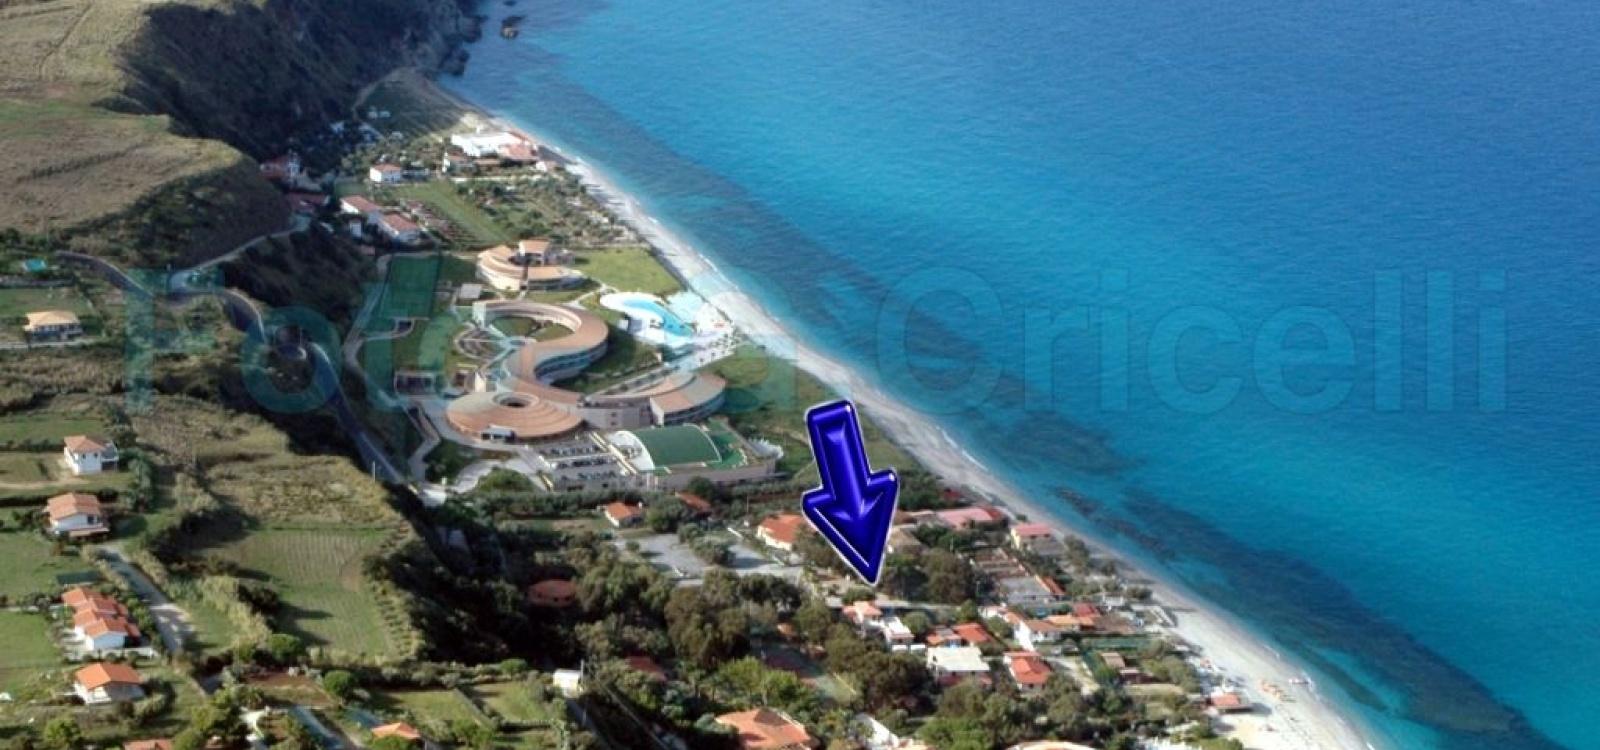 Casa Vacanze, Affitto per vacanze, ID Struttura 1110, Località Tono, capo vaticano, vibo valentia, Italy, 89866,